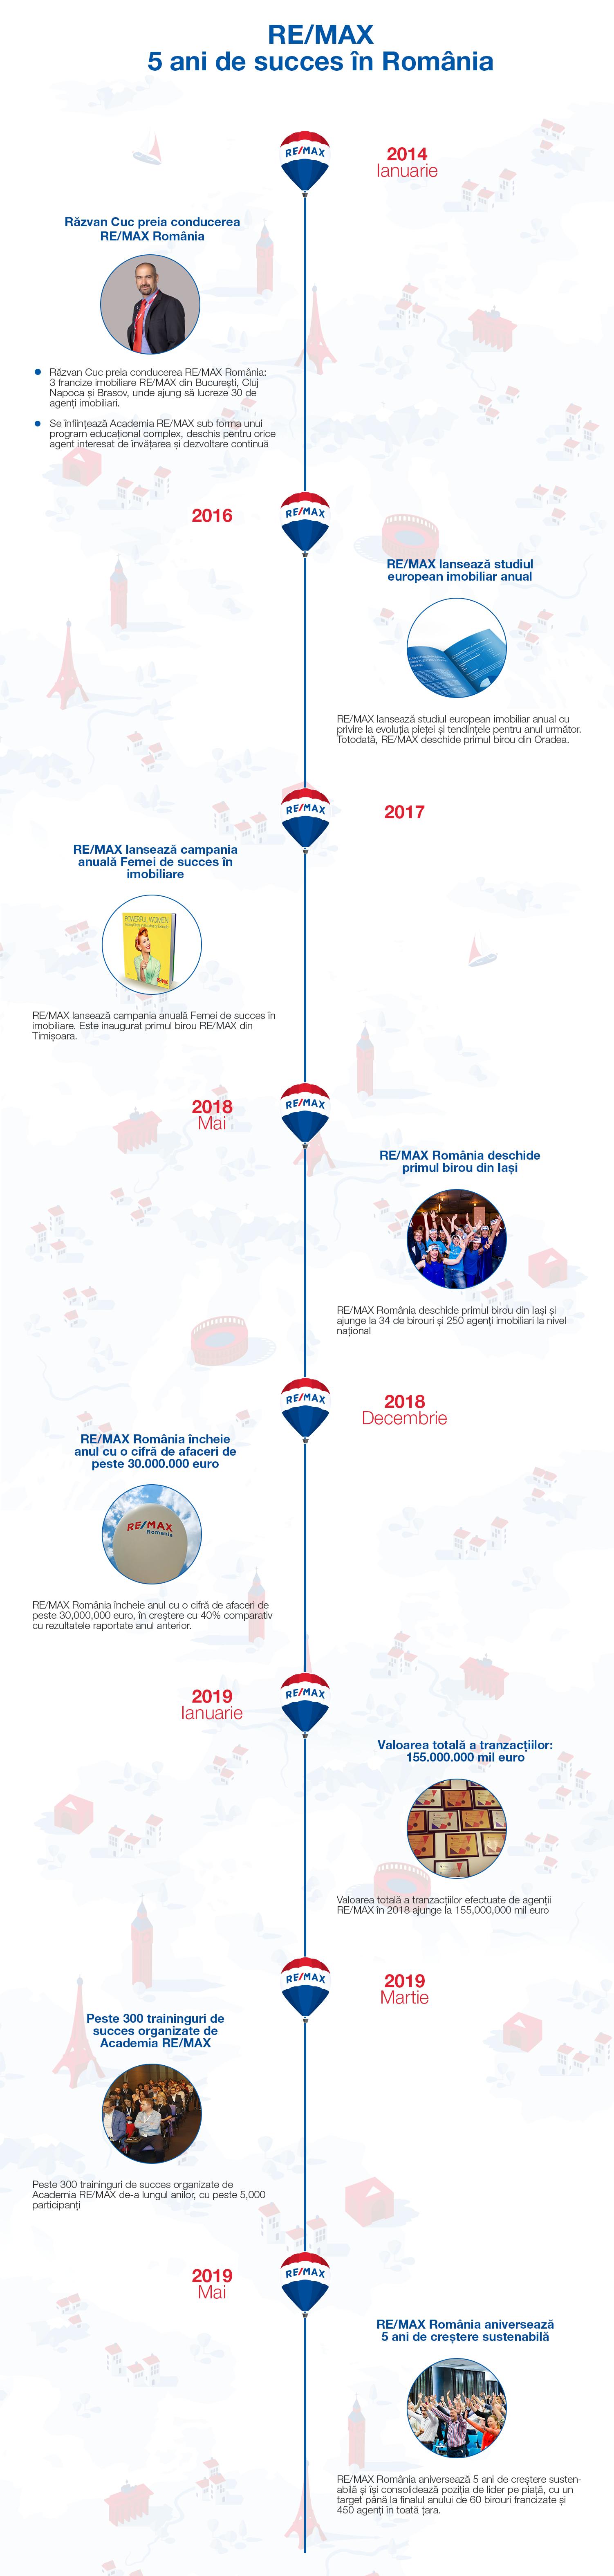 5 ani de succes pentru RE/MAX România